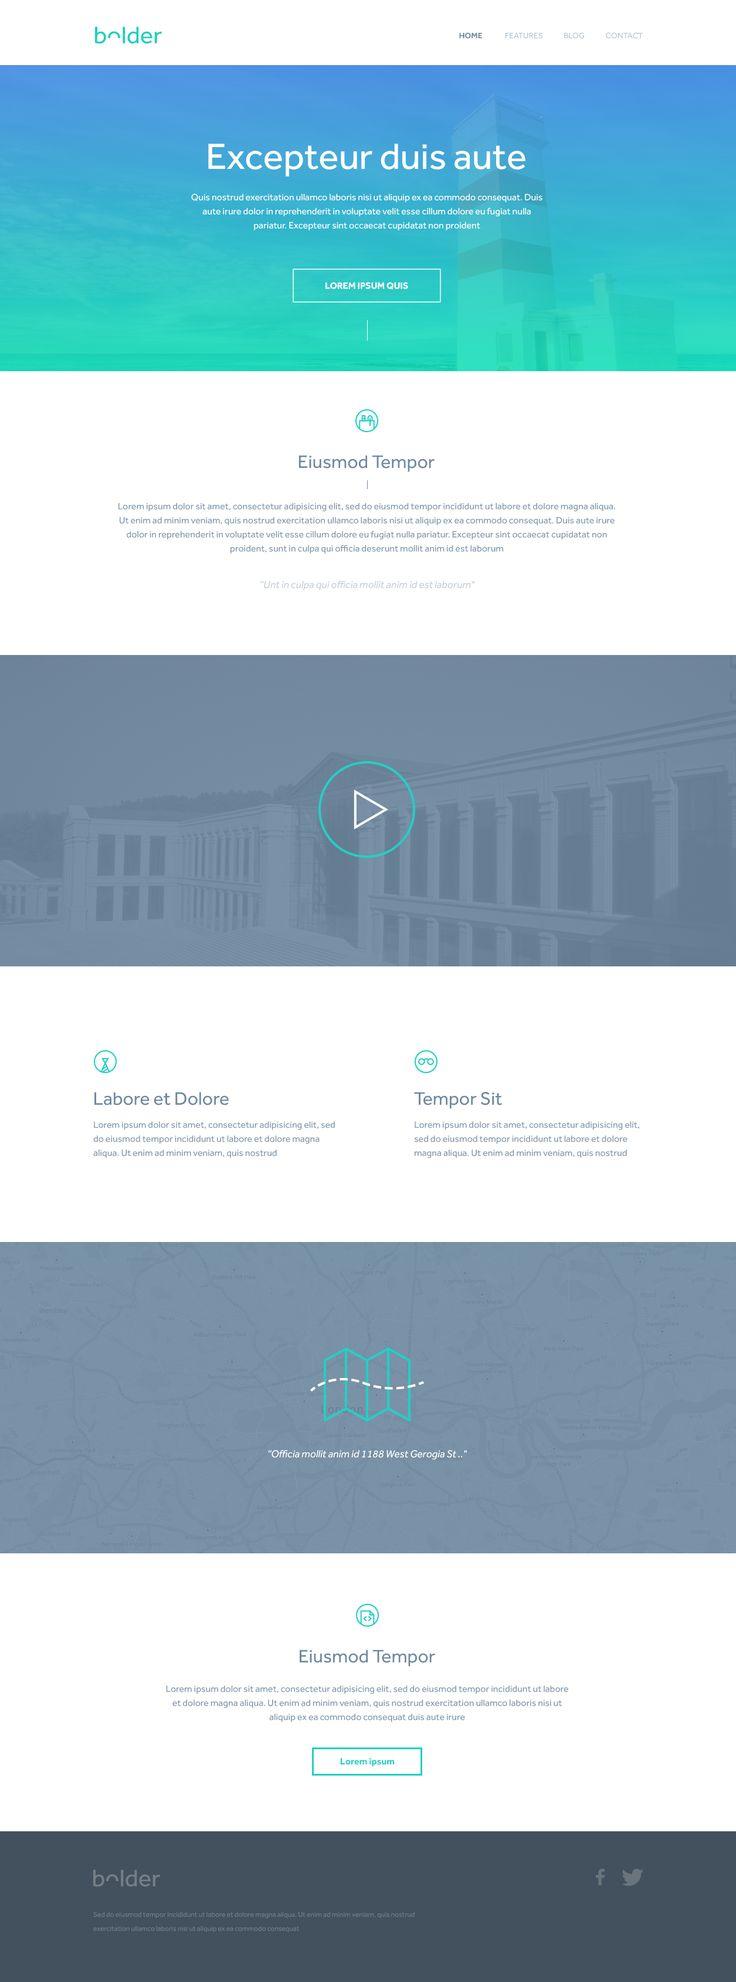 100 best Web Design images on Pinterest | Website designs, Design ...